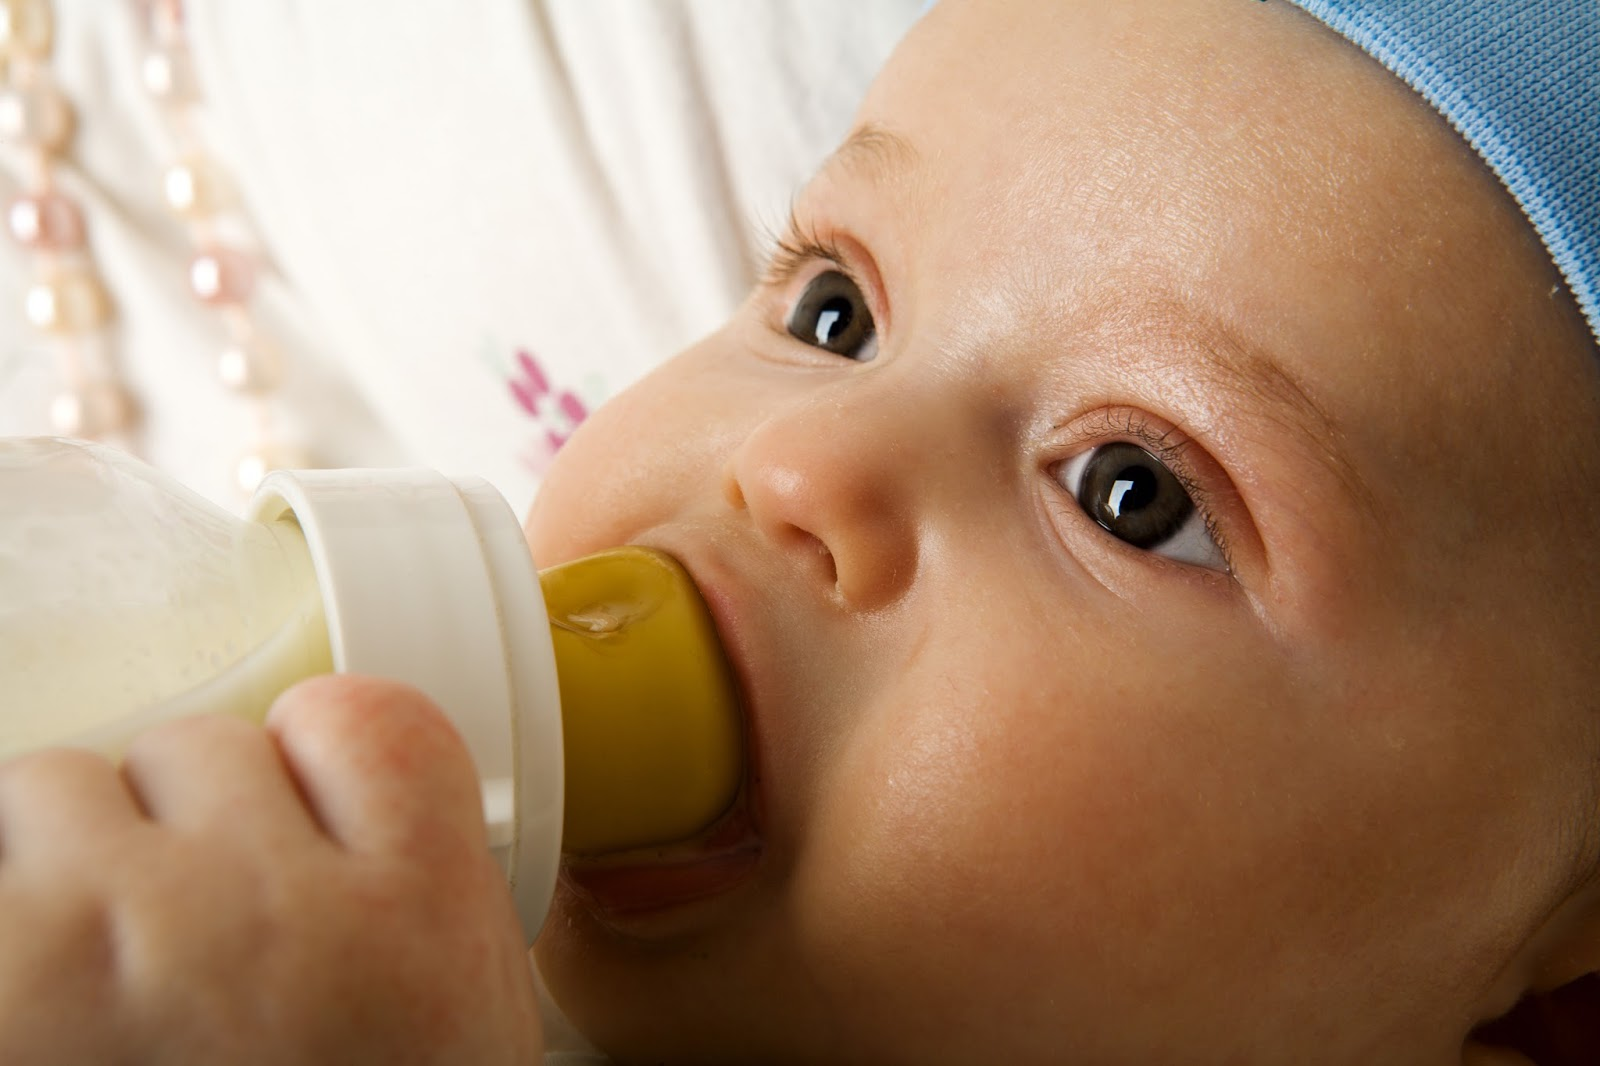 هل يحتوي حليب الأم على ميكروبات؟